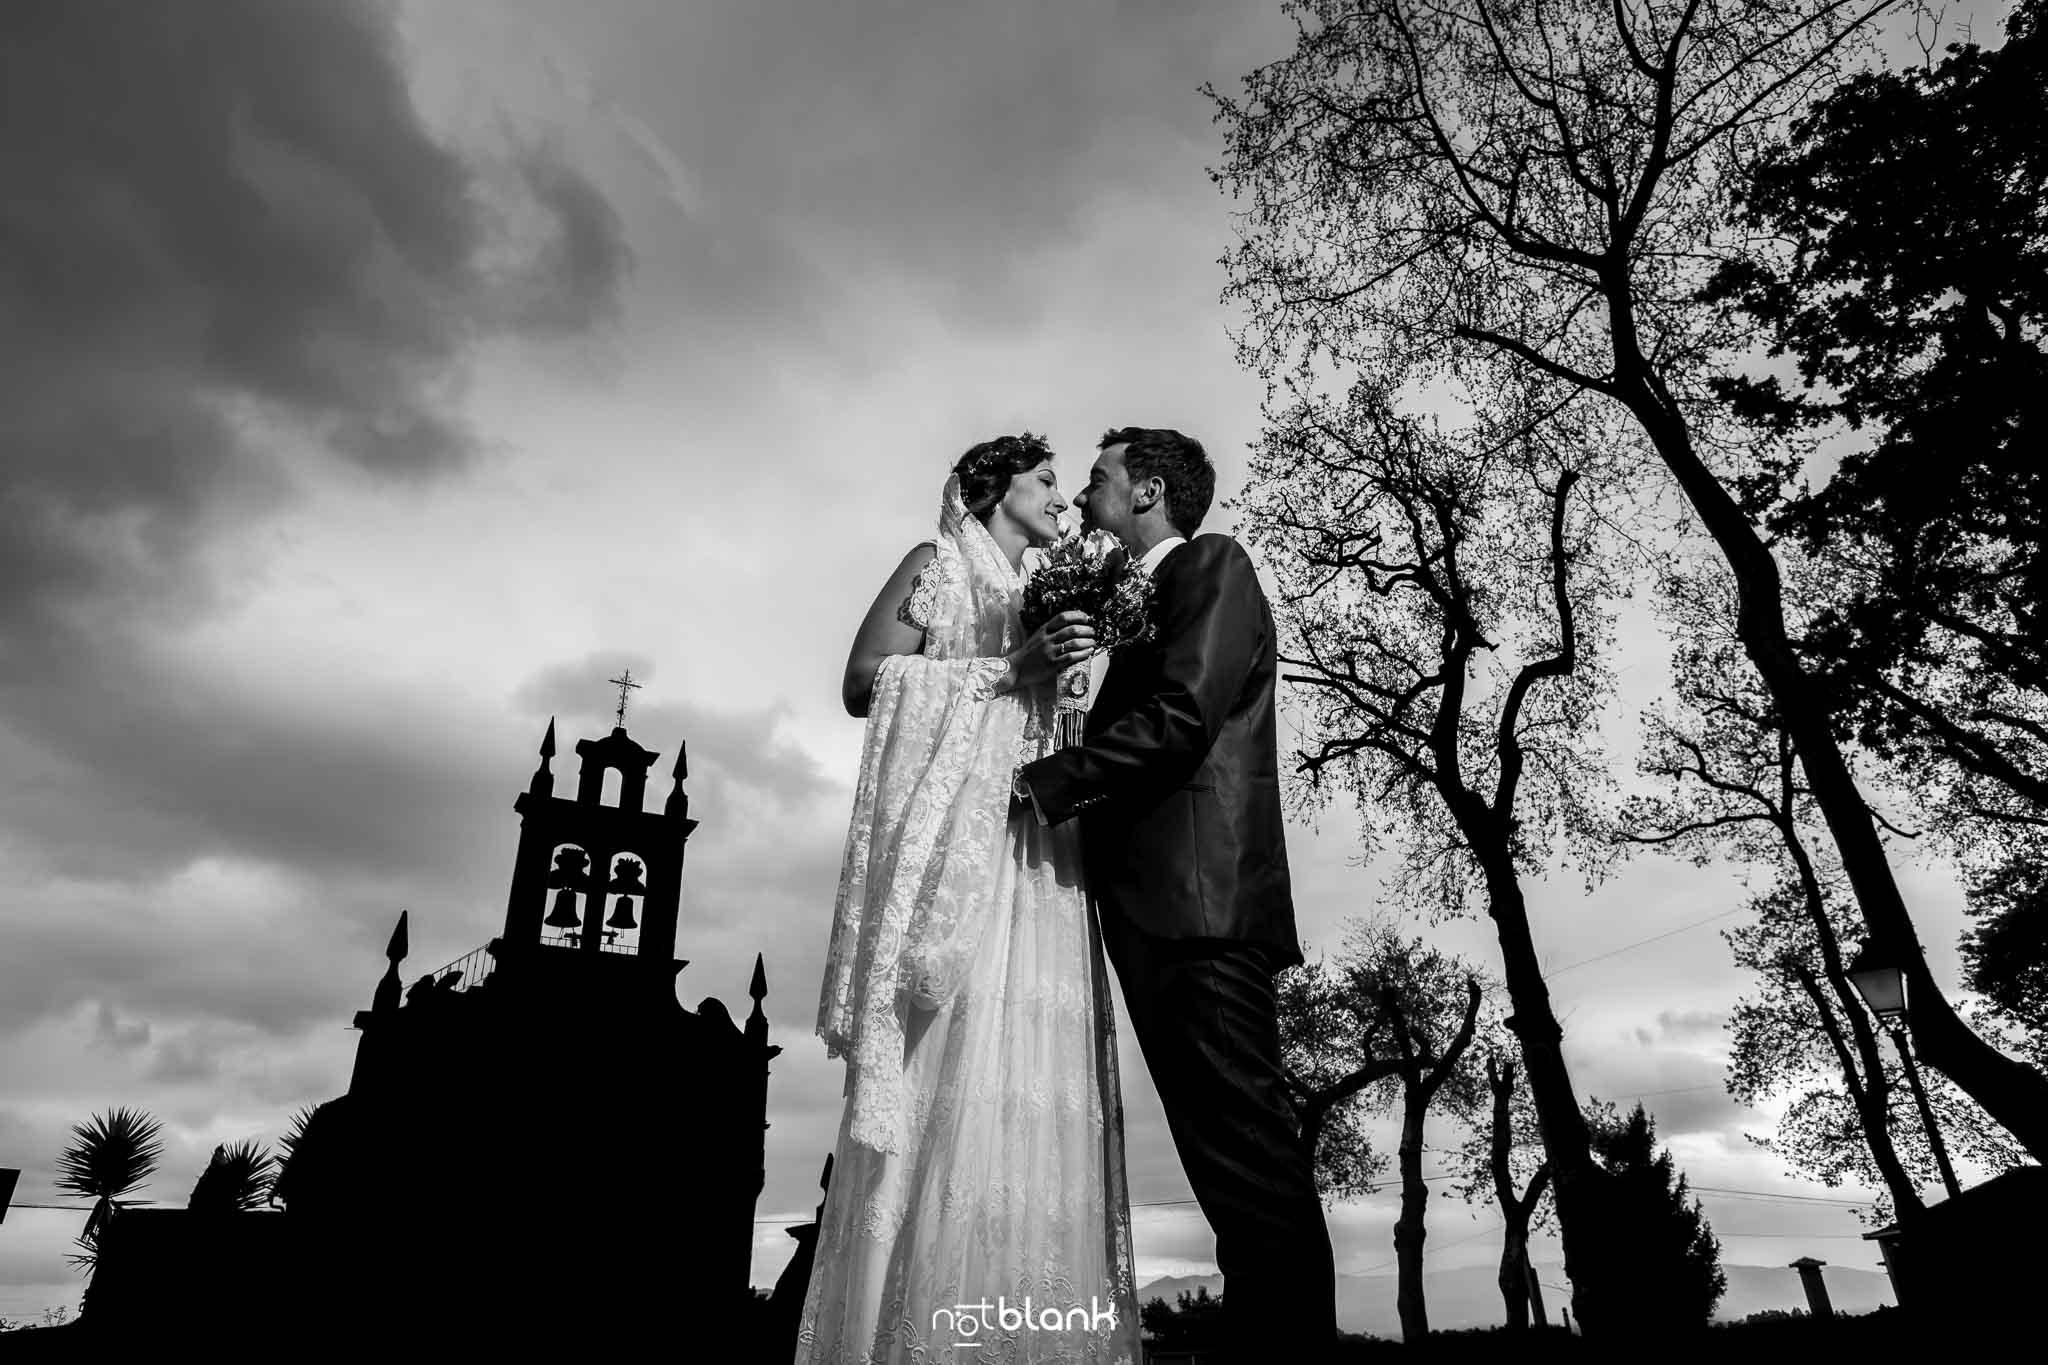 Boda-Noe-Sito-Salceda-De-Caselas-Iglesia-Pareja-Novio-Novia-Fotógrafo de boda